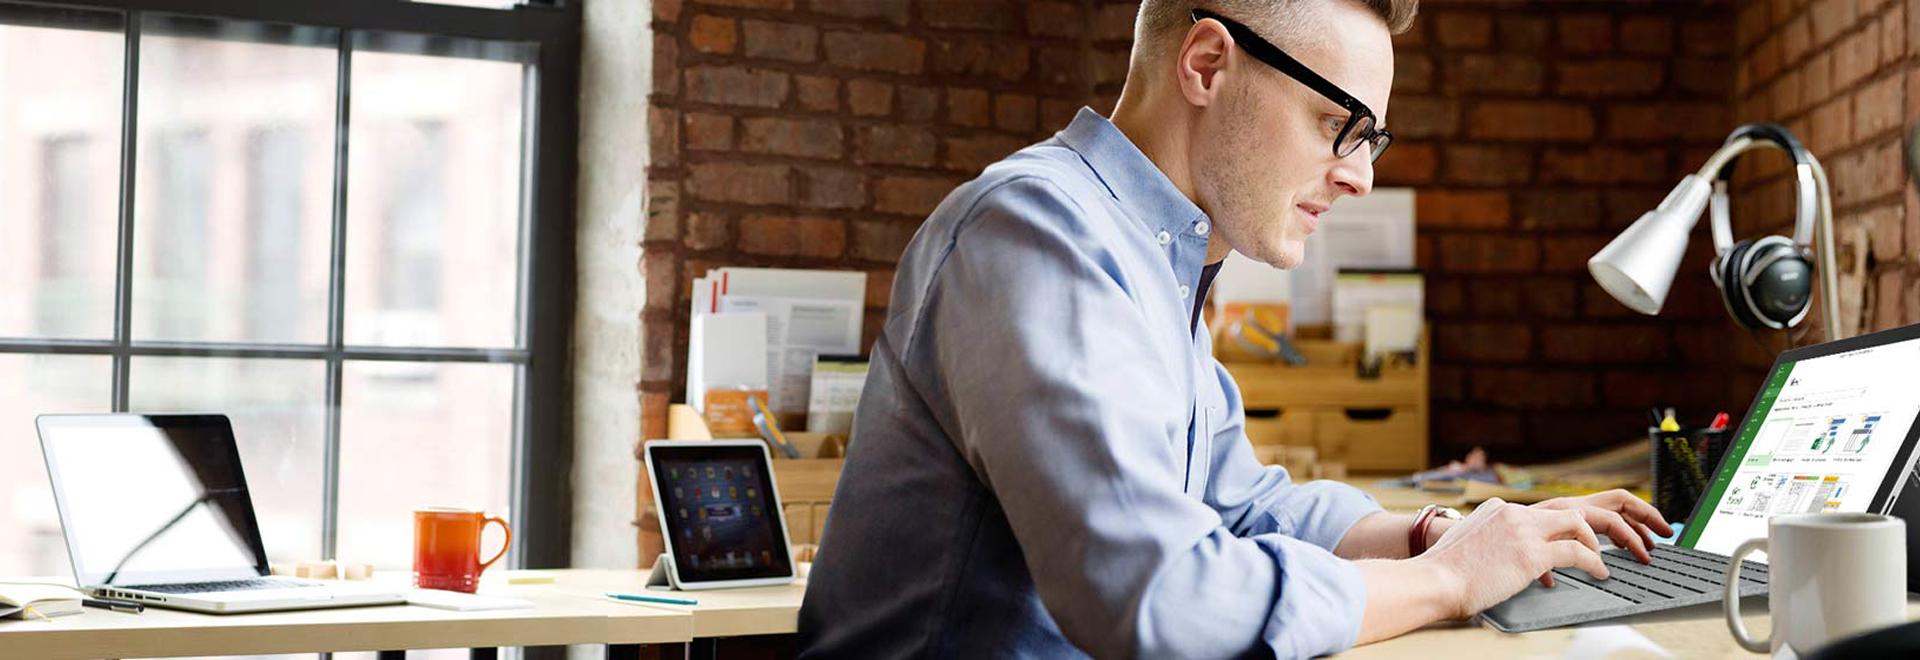 Ein Mann an einem Schreibtisch, der auf einem Surface-Tablet mit Microsoft Project arbeitet